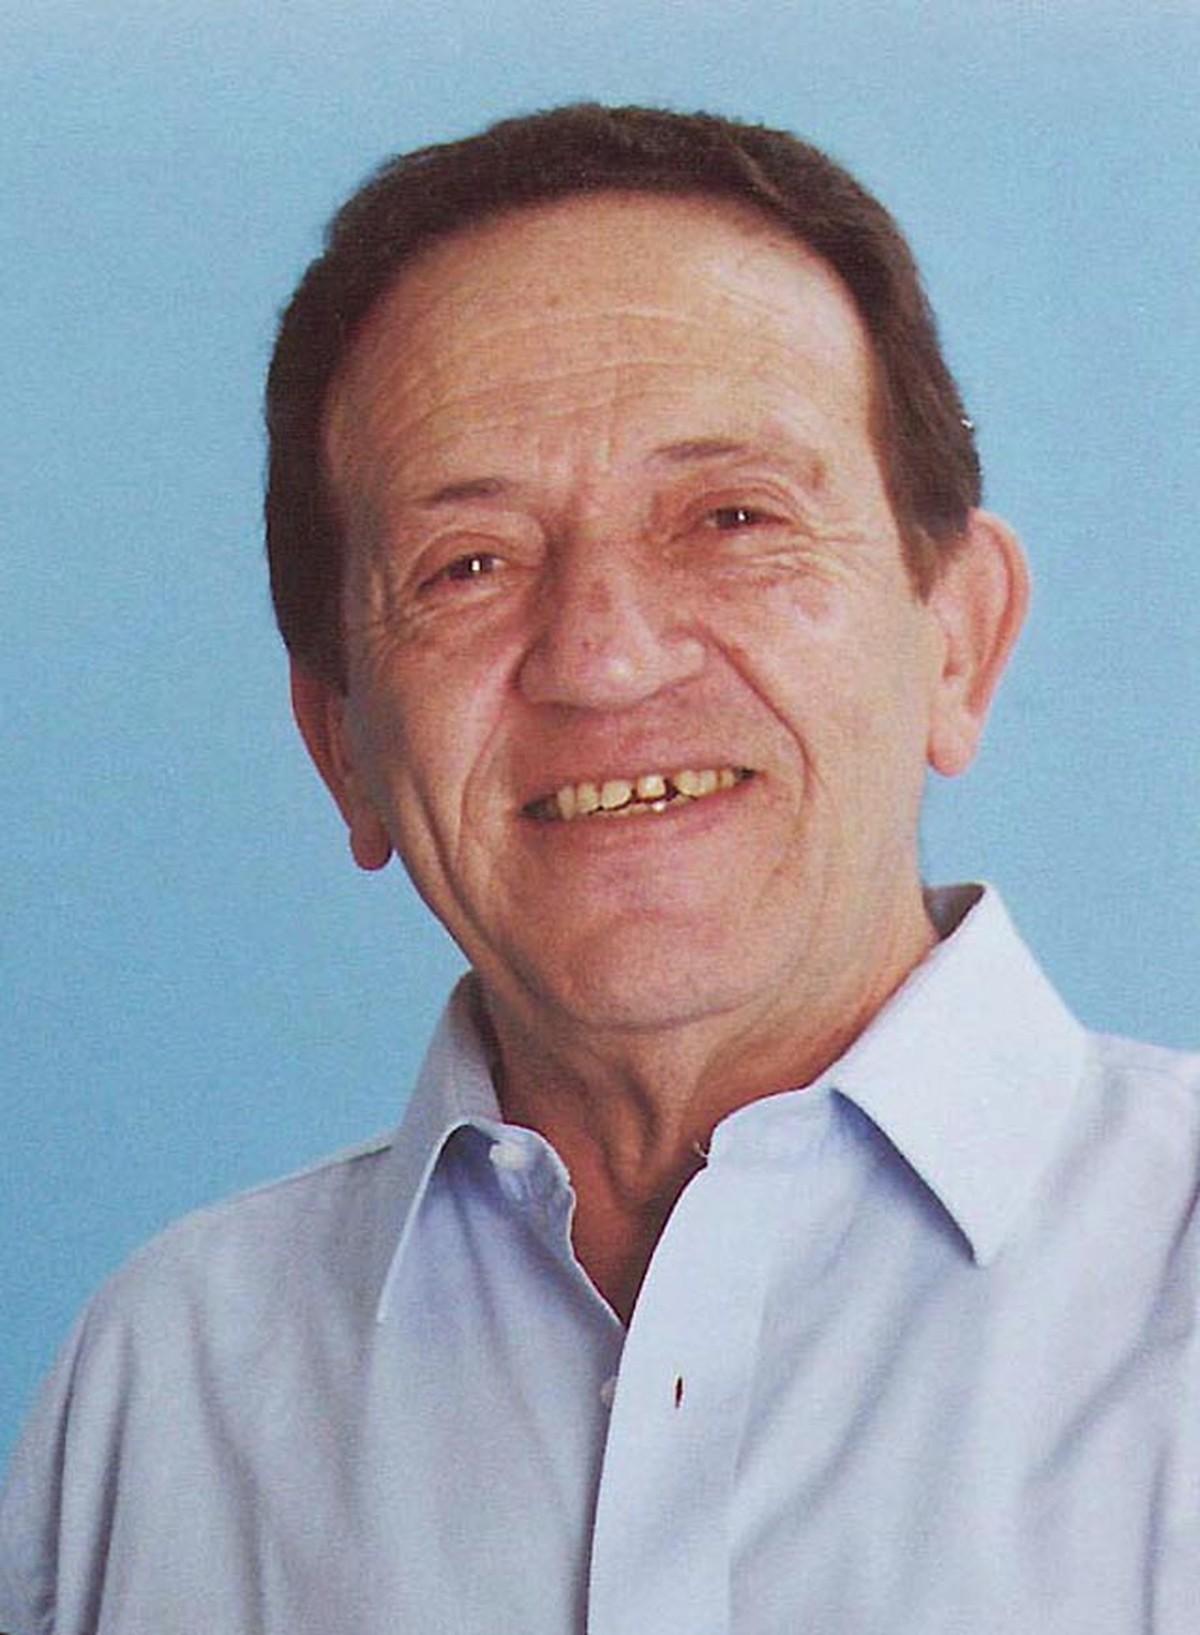 Rubinho Barsotti, às da bateria na era do samba-jazz e fundador do Zimbo Trio, morre aos 87 anos | Blog do Mauro Ferreira